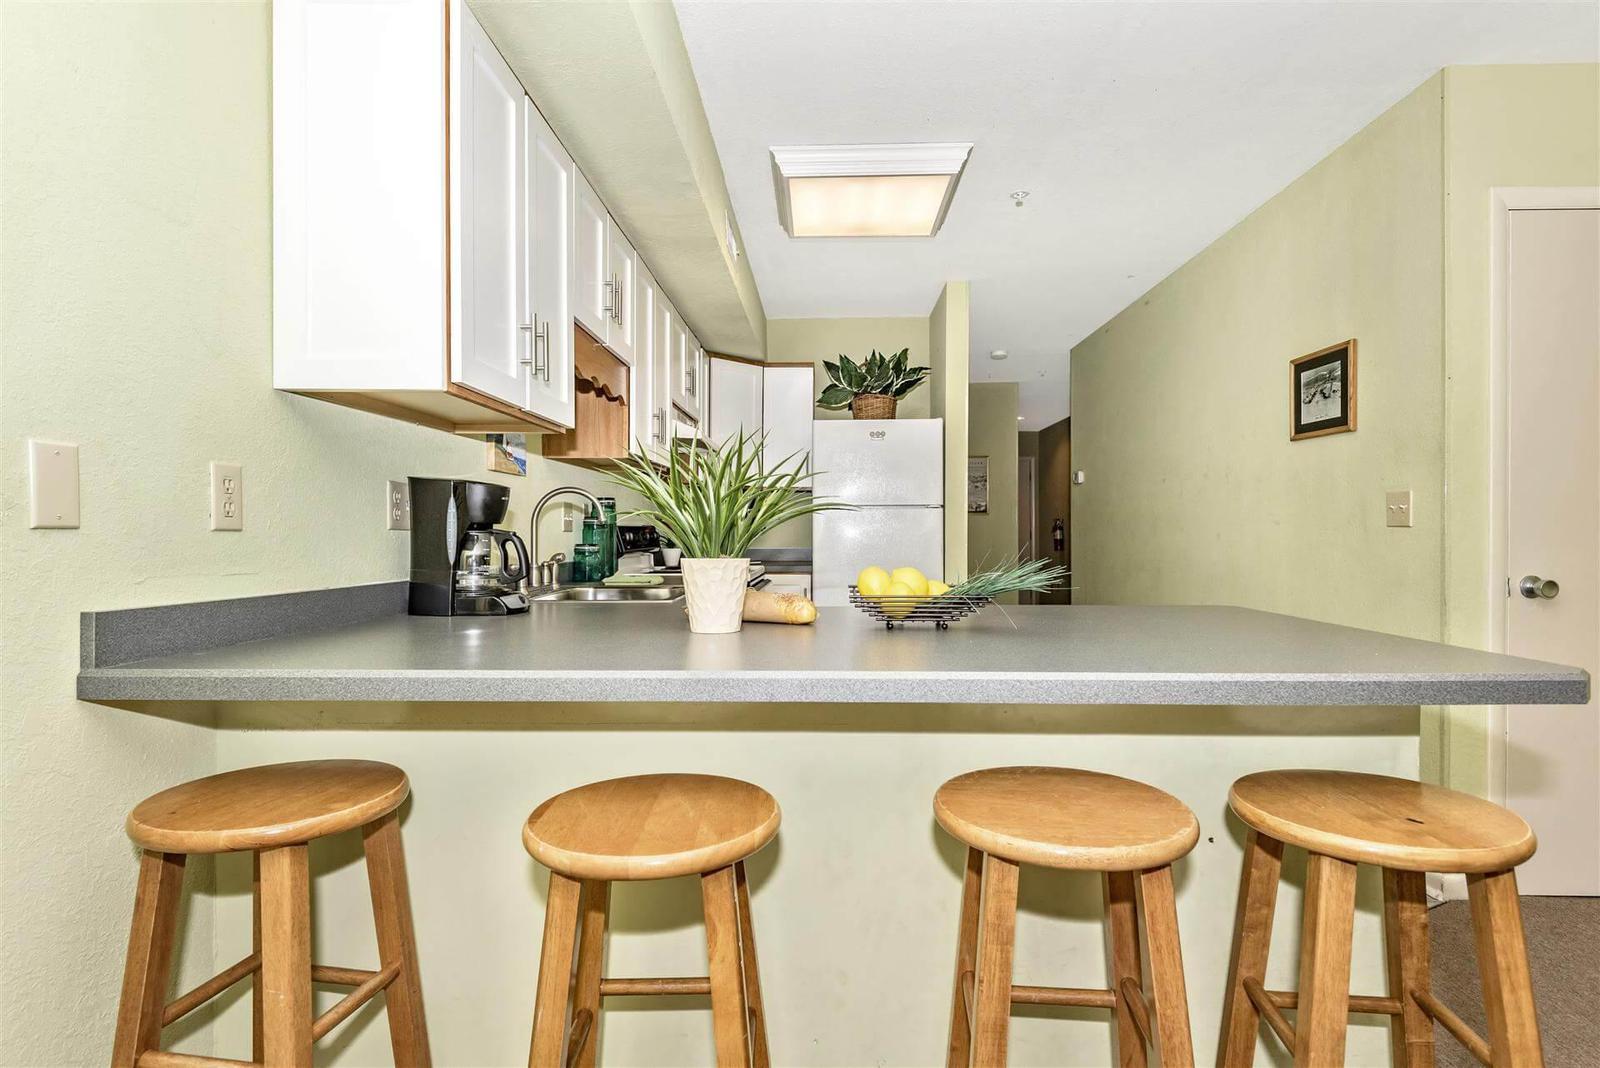 Bar seating at kitchen counter